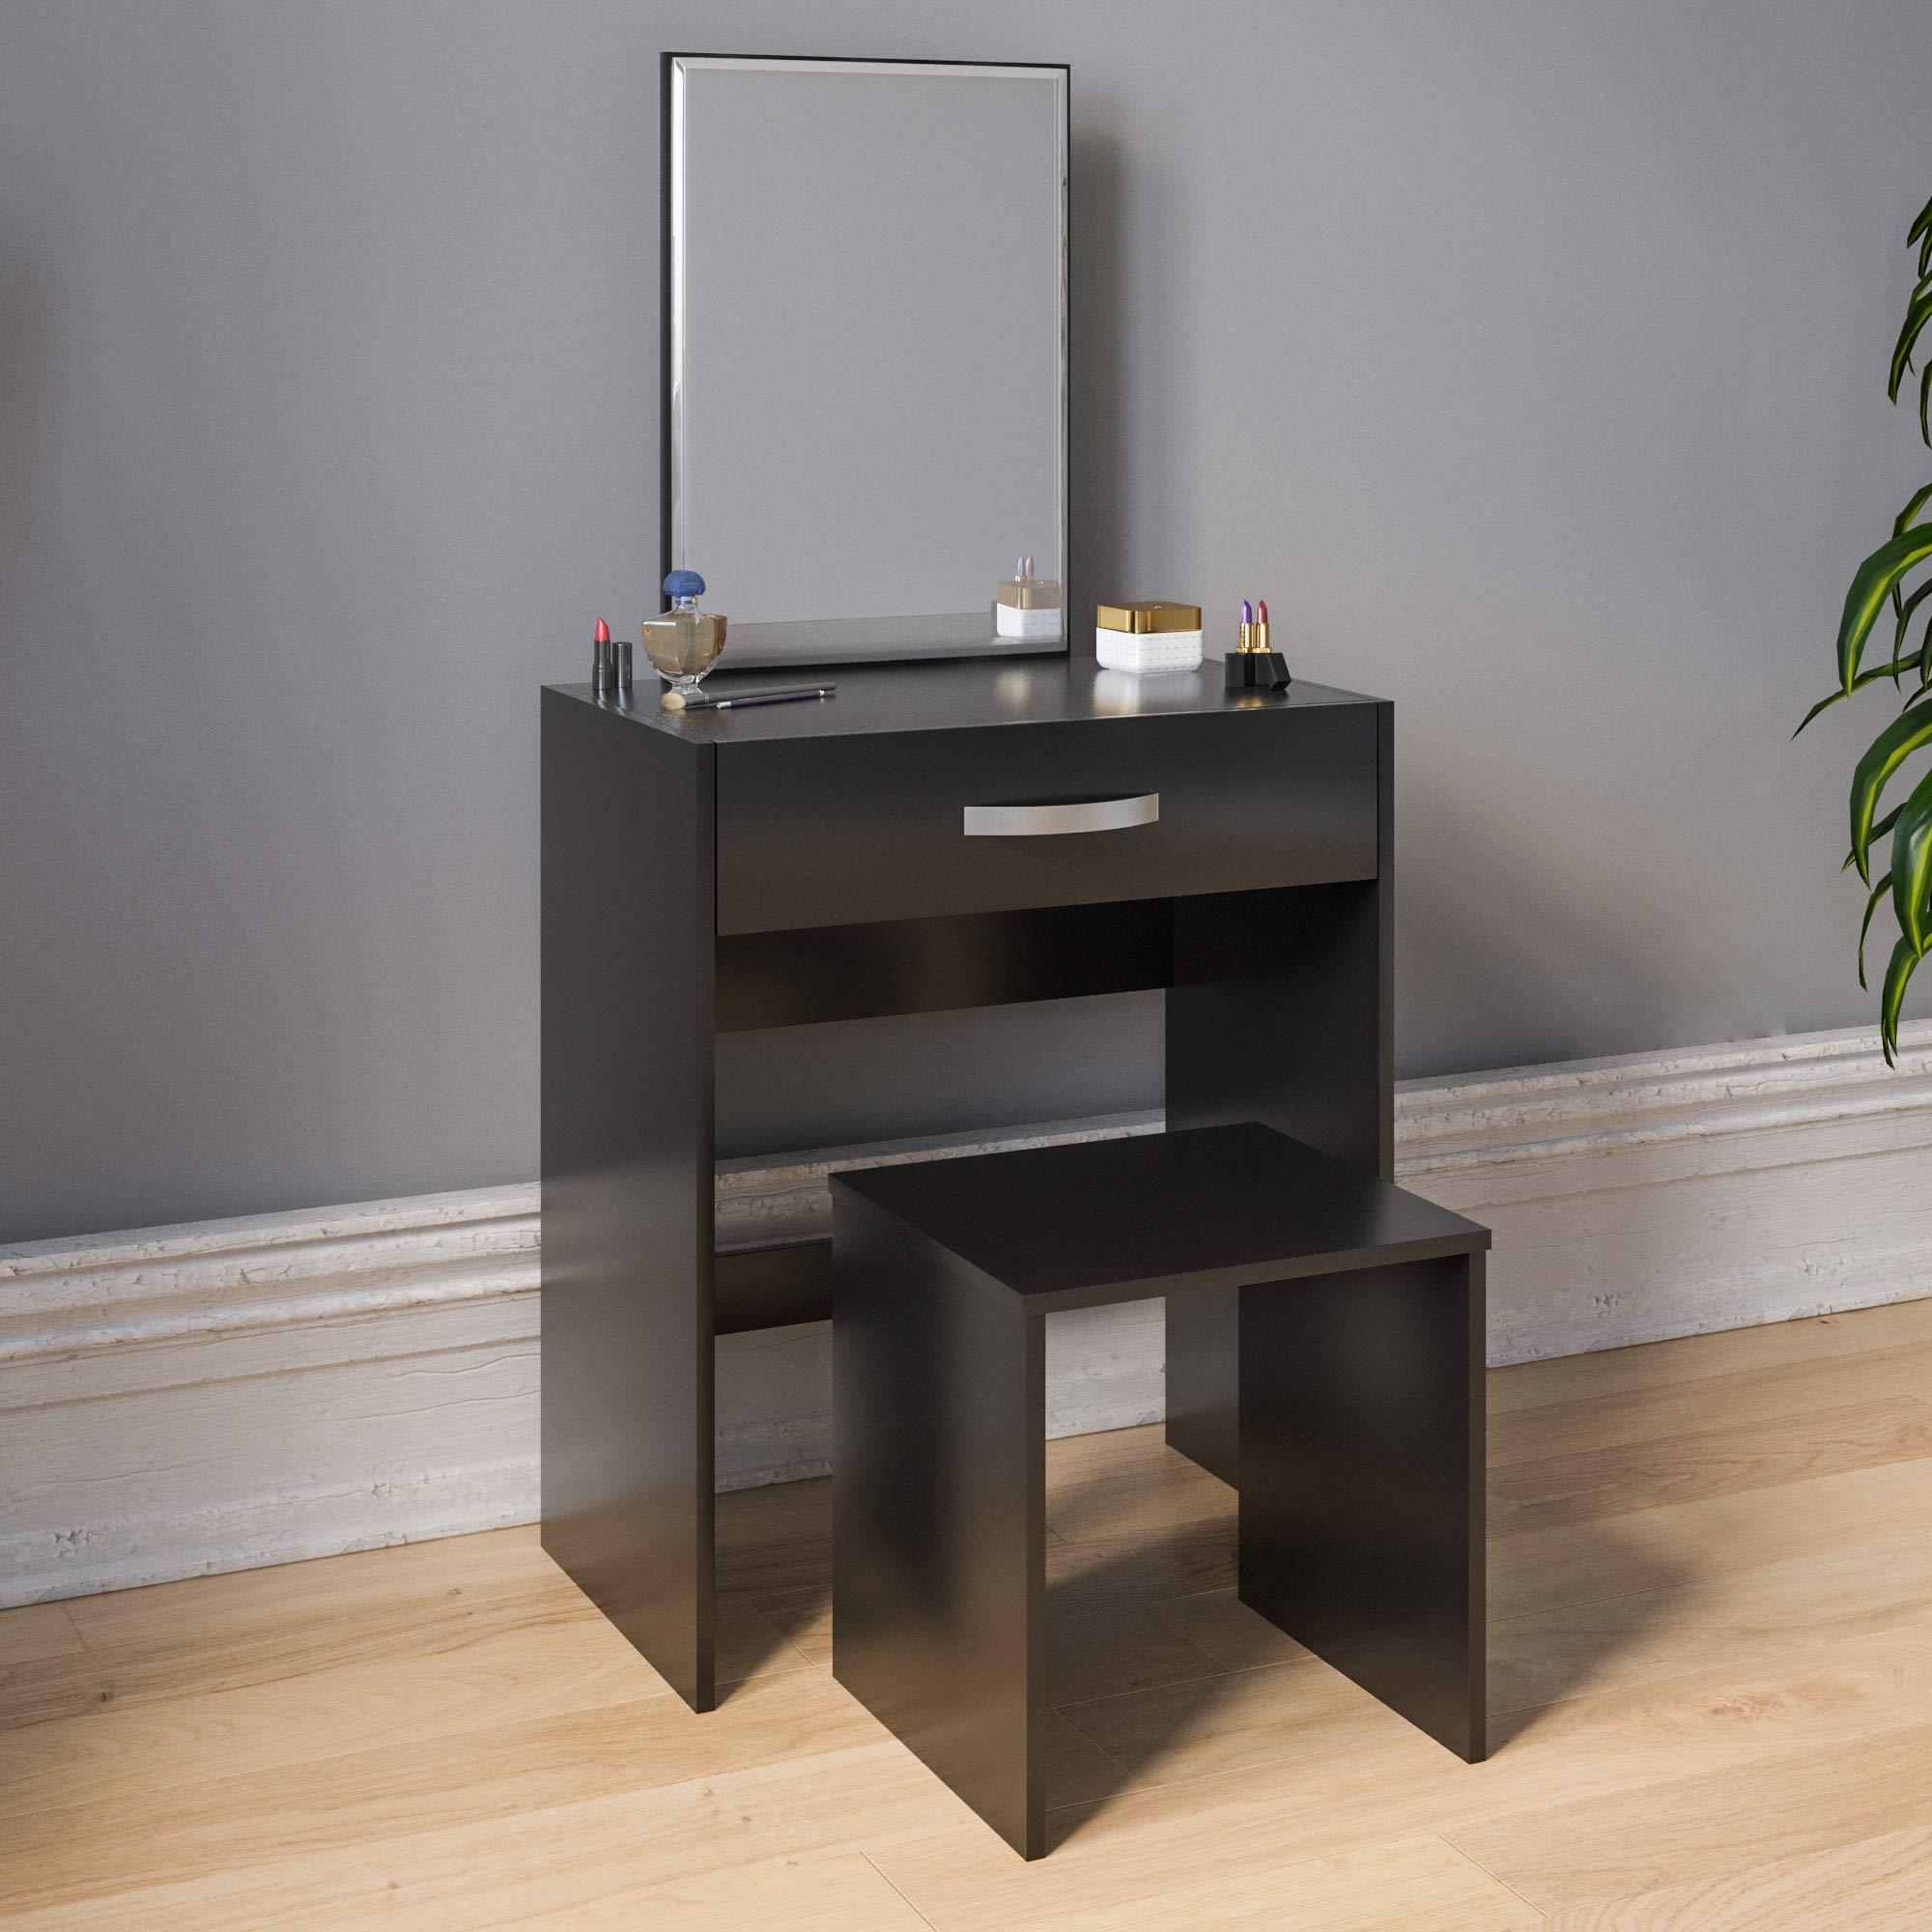 Vida Designs Isla-Juego de tocador para Dormitorio 1 caj/ón, Espejo y Taburete Color Blanco 130 x 63.5 x 39 Cm